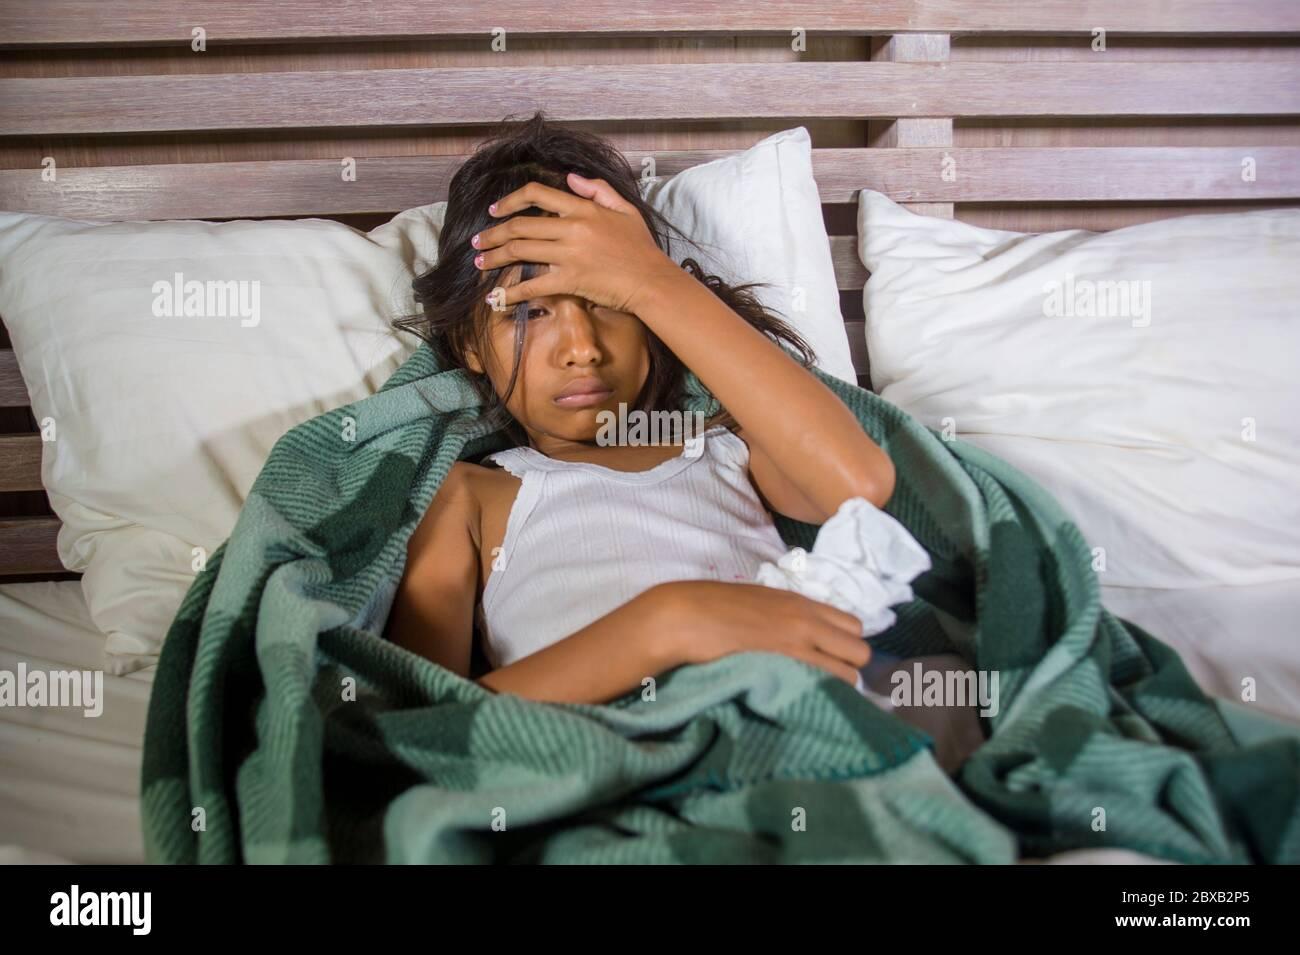 style de vie portrait à la maison de jeune belle et douce 8 ans femme enfant tenant papier de soie éternuant son nez allongé malade sur le lit ayant la grippe ou c Banque D'Images